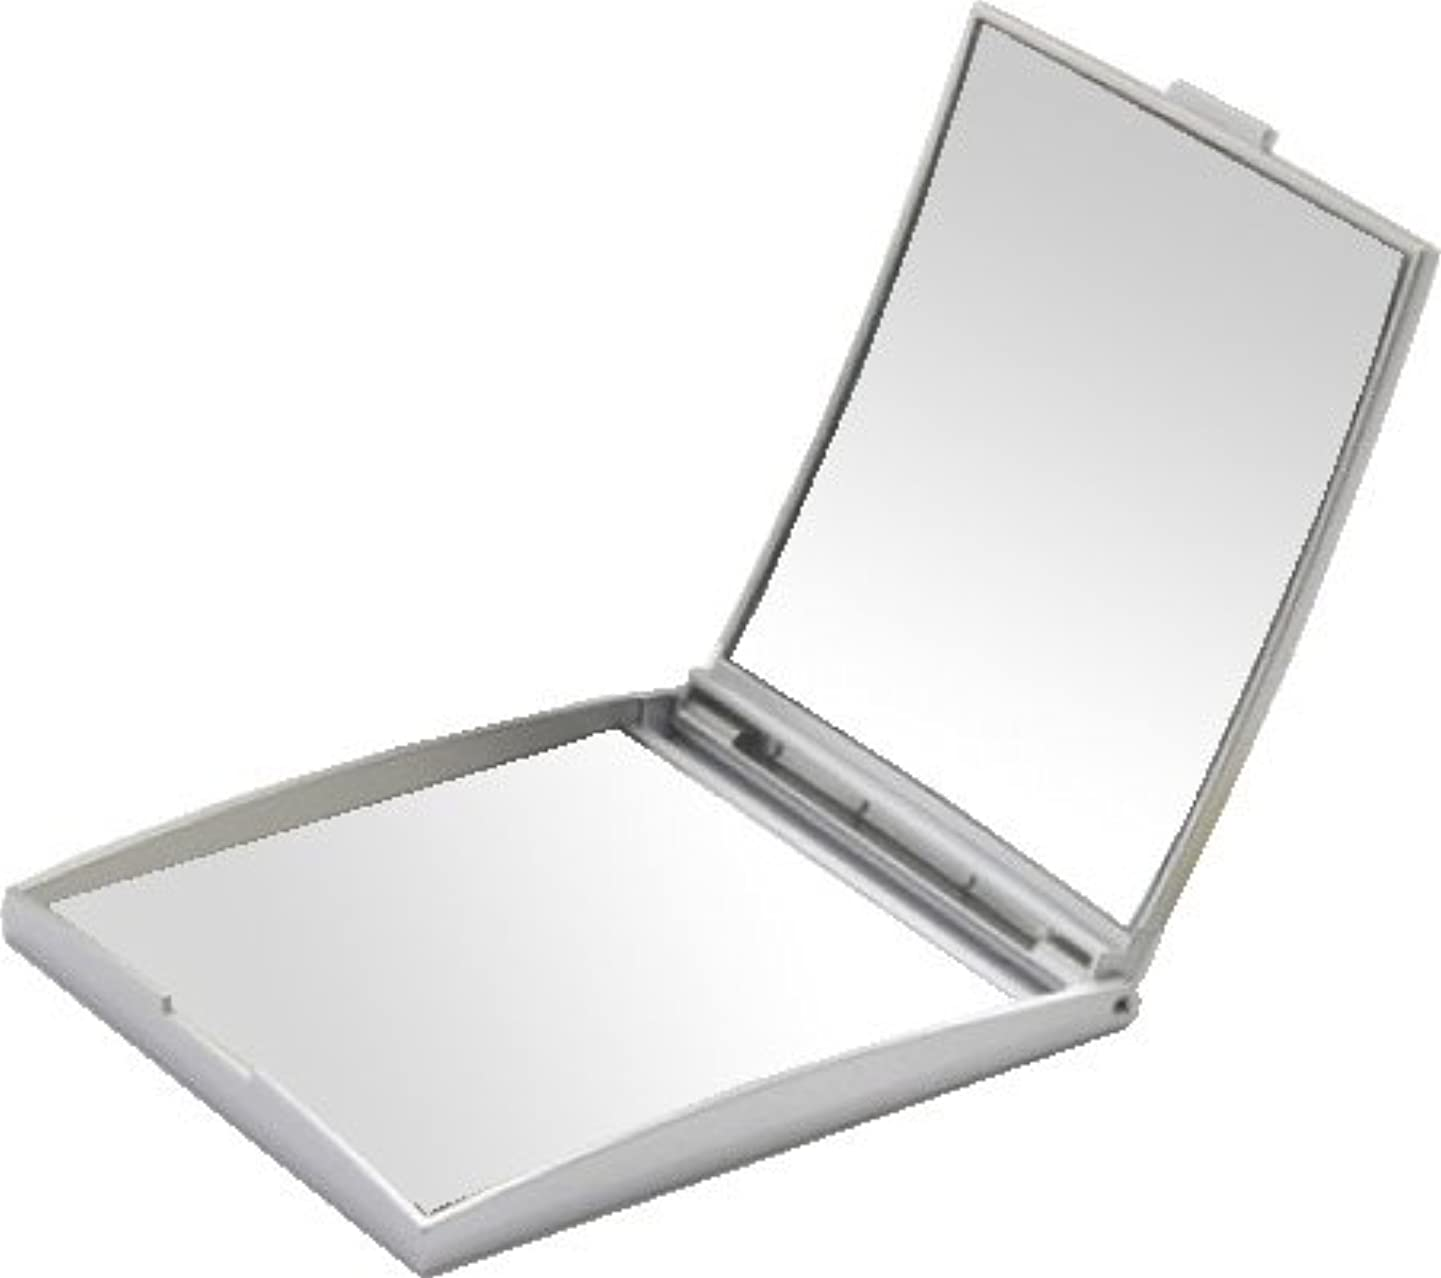 シソーラス伝導反発メリー 片面約5倍拡大鏡付コンパクトミラー Sサイズ シルバー AD-105